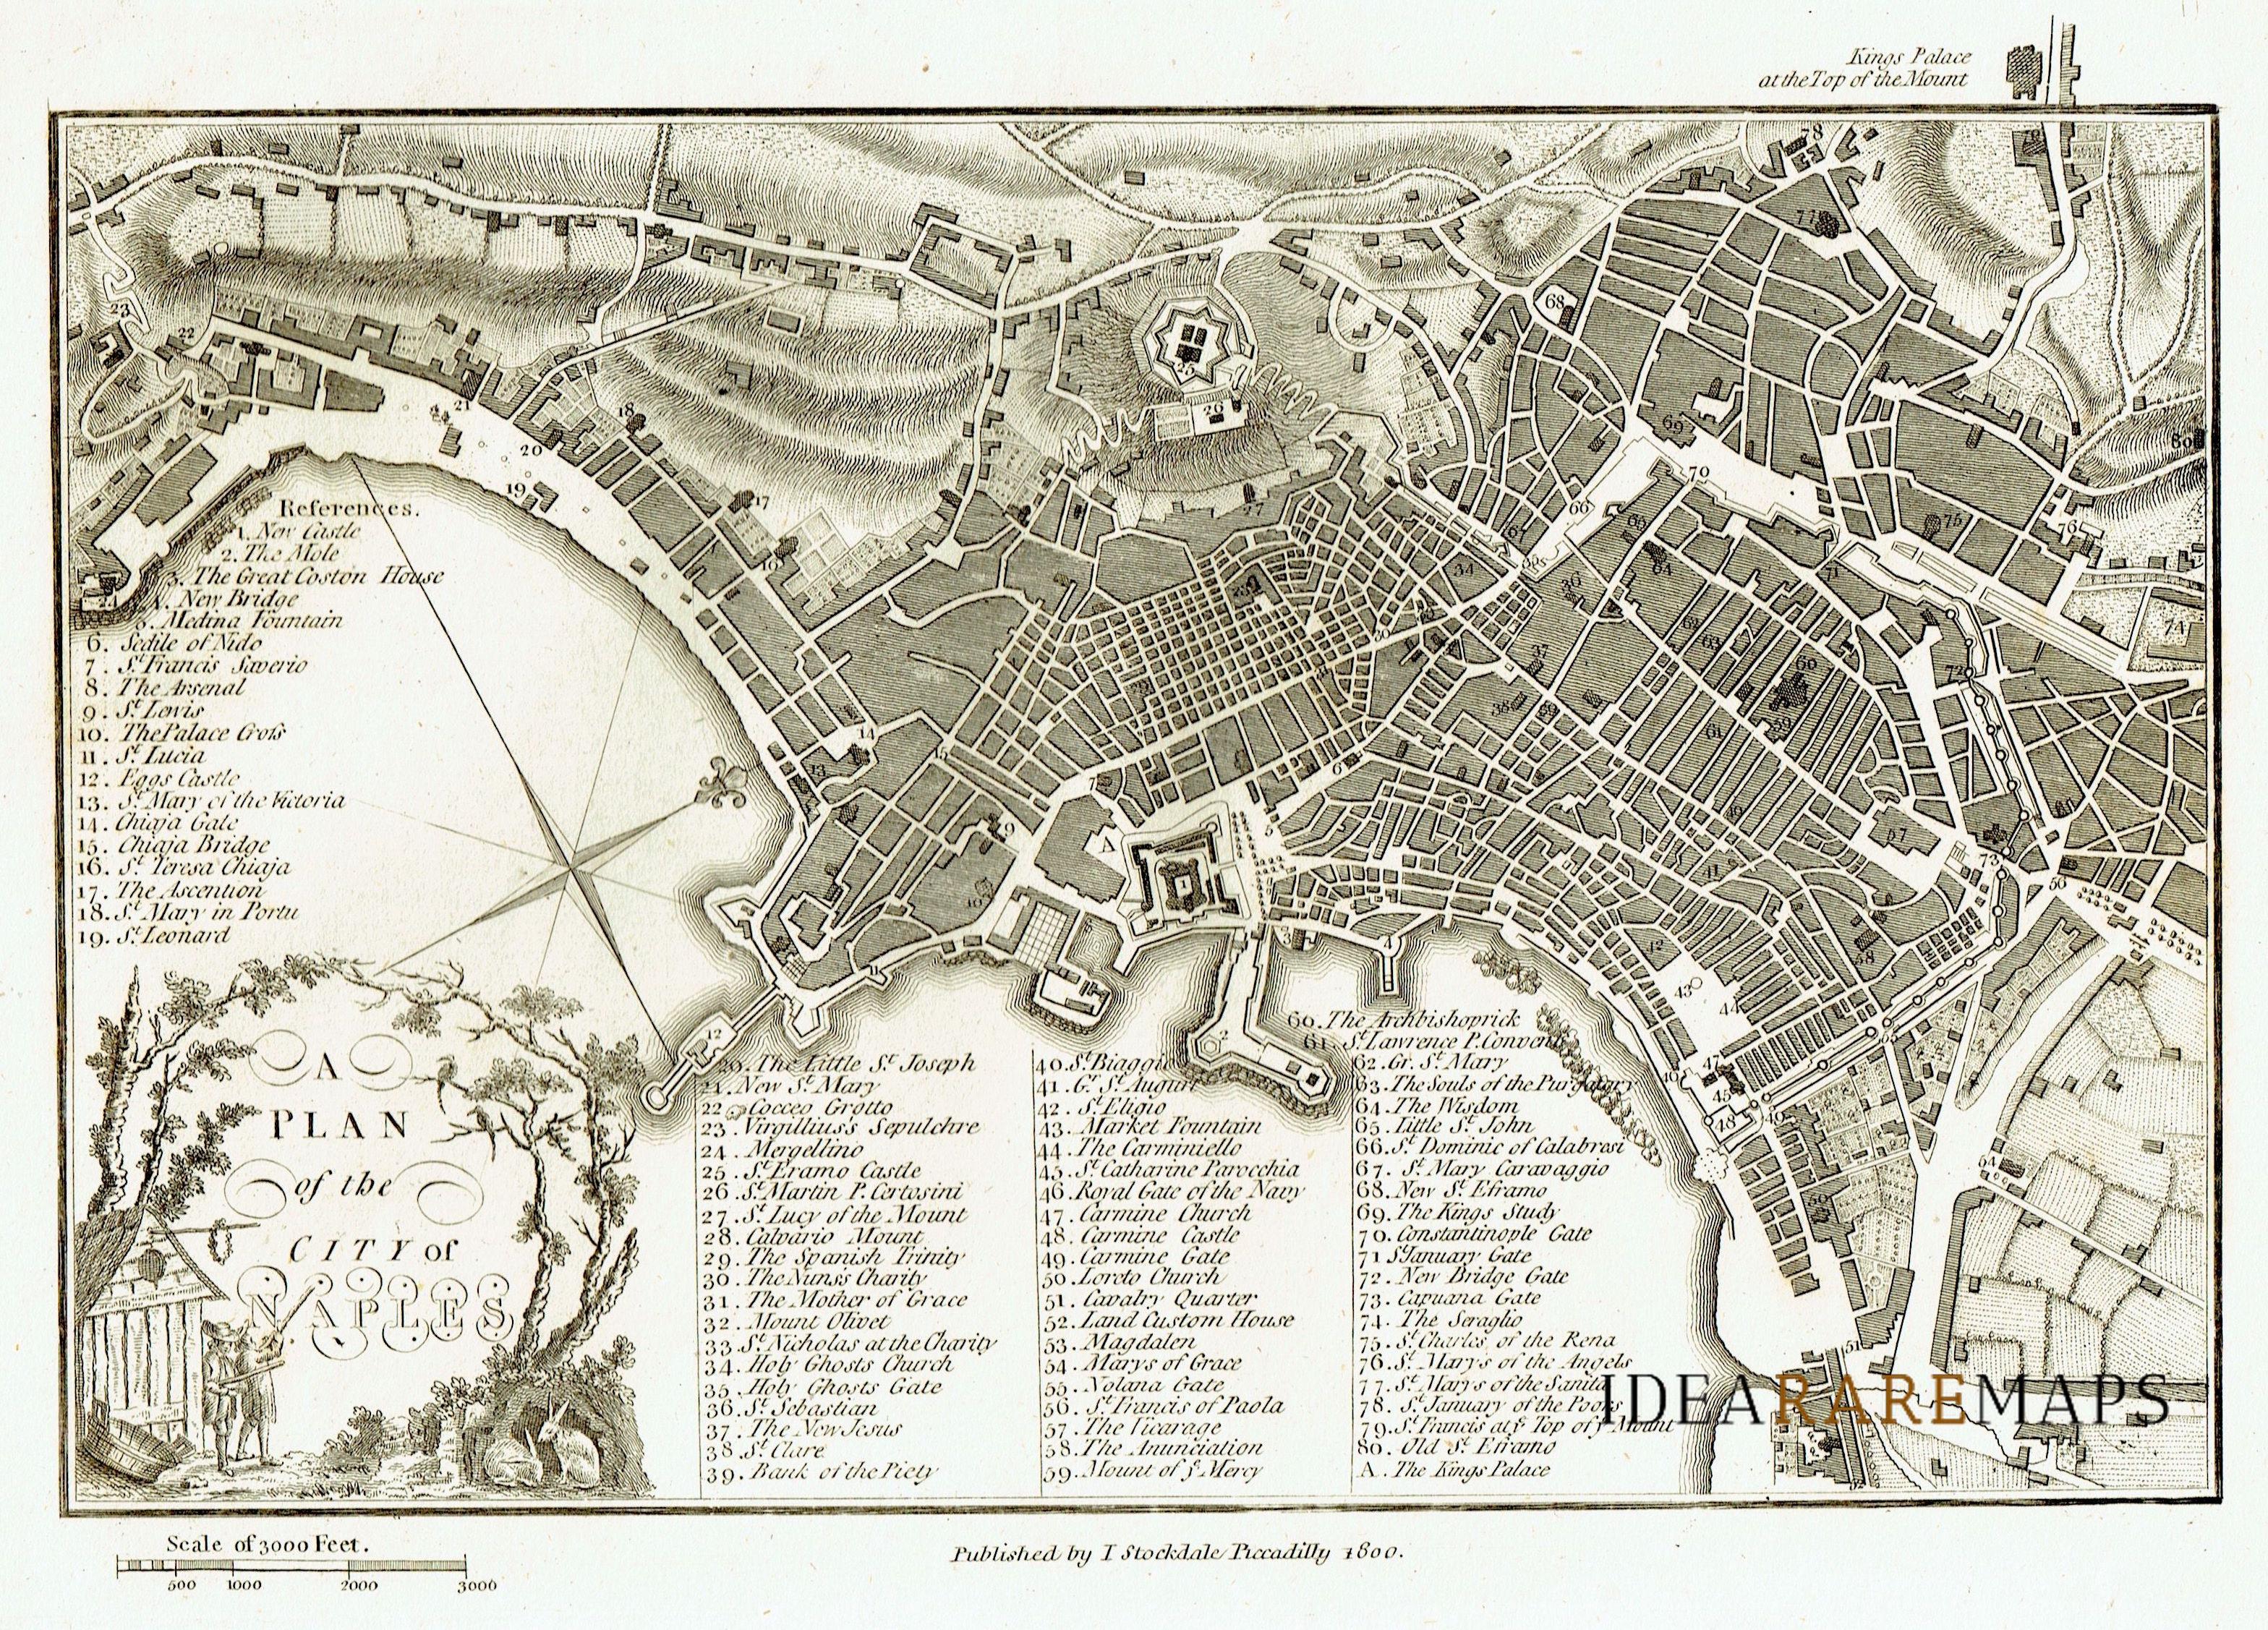 Cartina Stradale Di Napoli Citta.Antiche Carte Della Campania E Calabria Idea Rare Maps